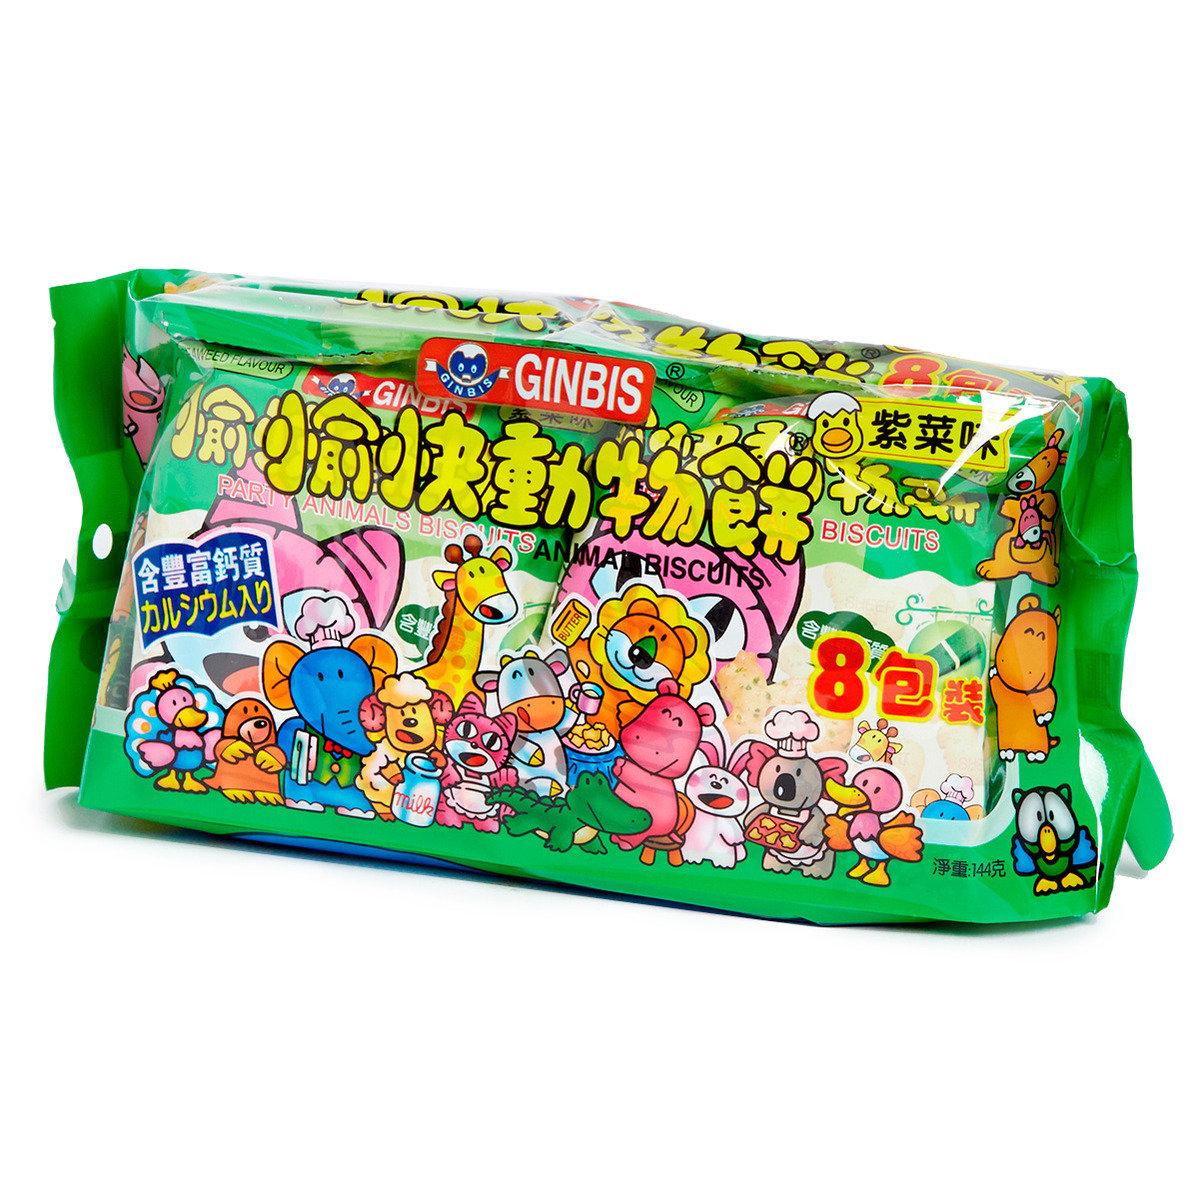 愉快動物餅 - 紫菜味